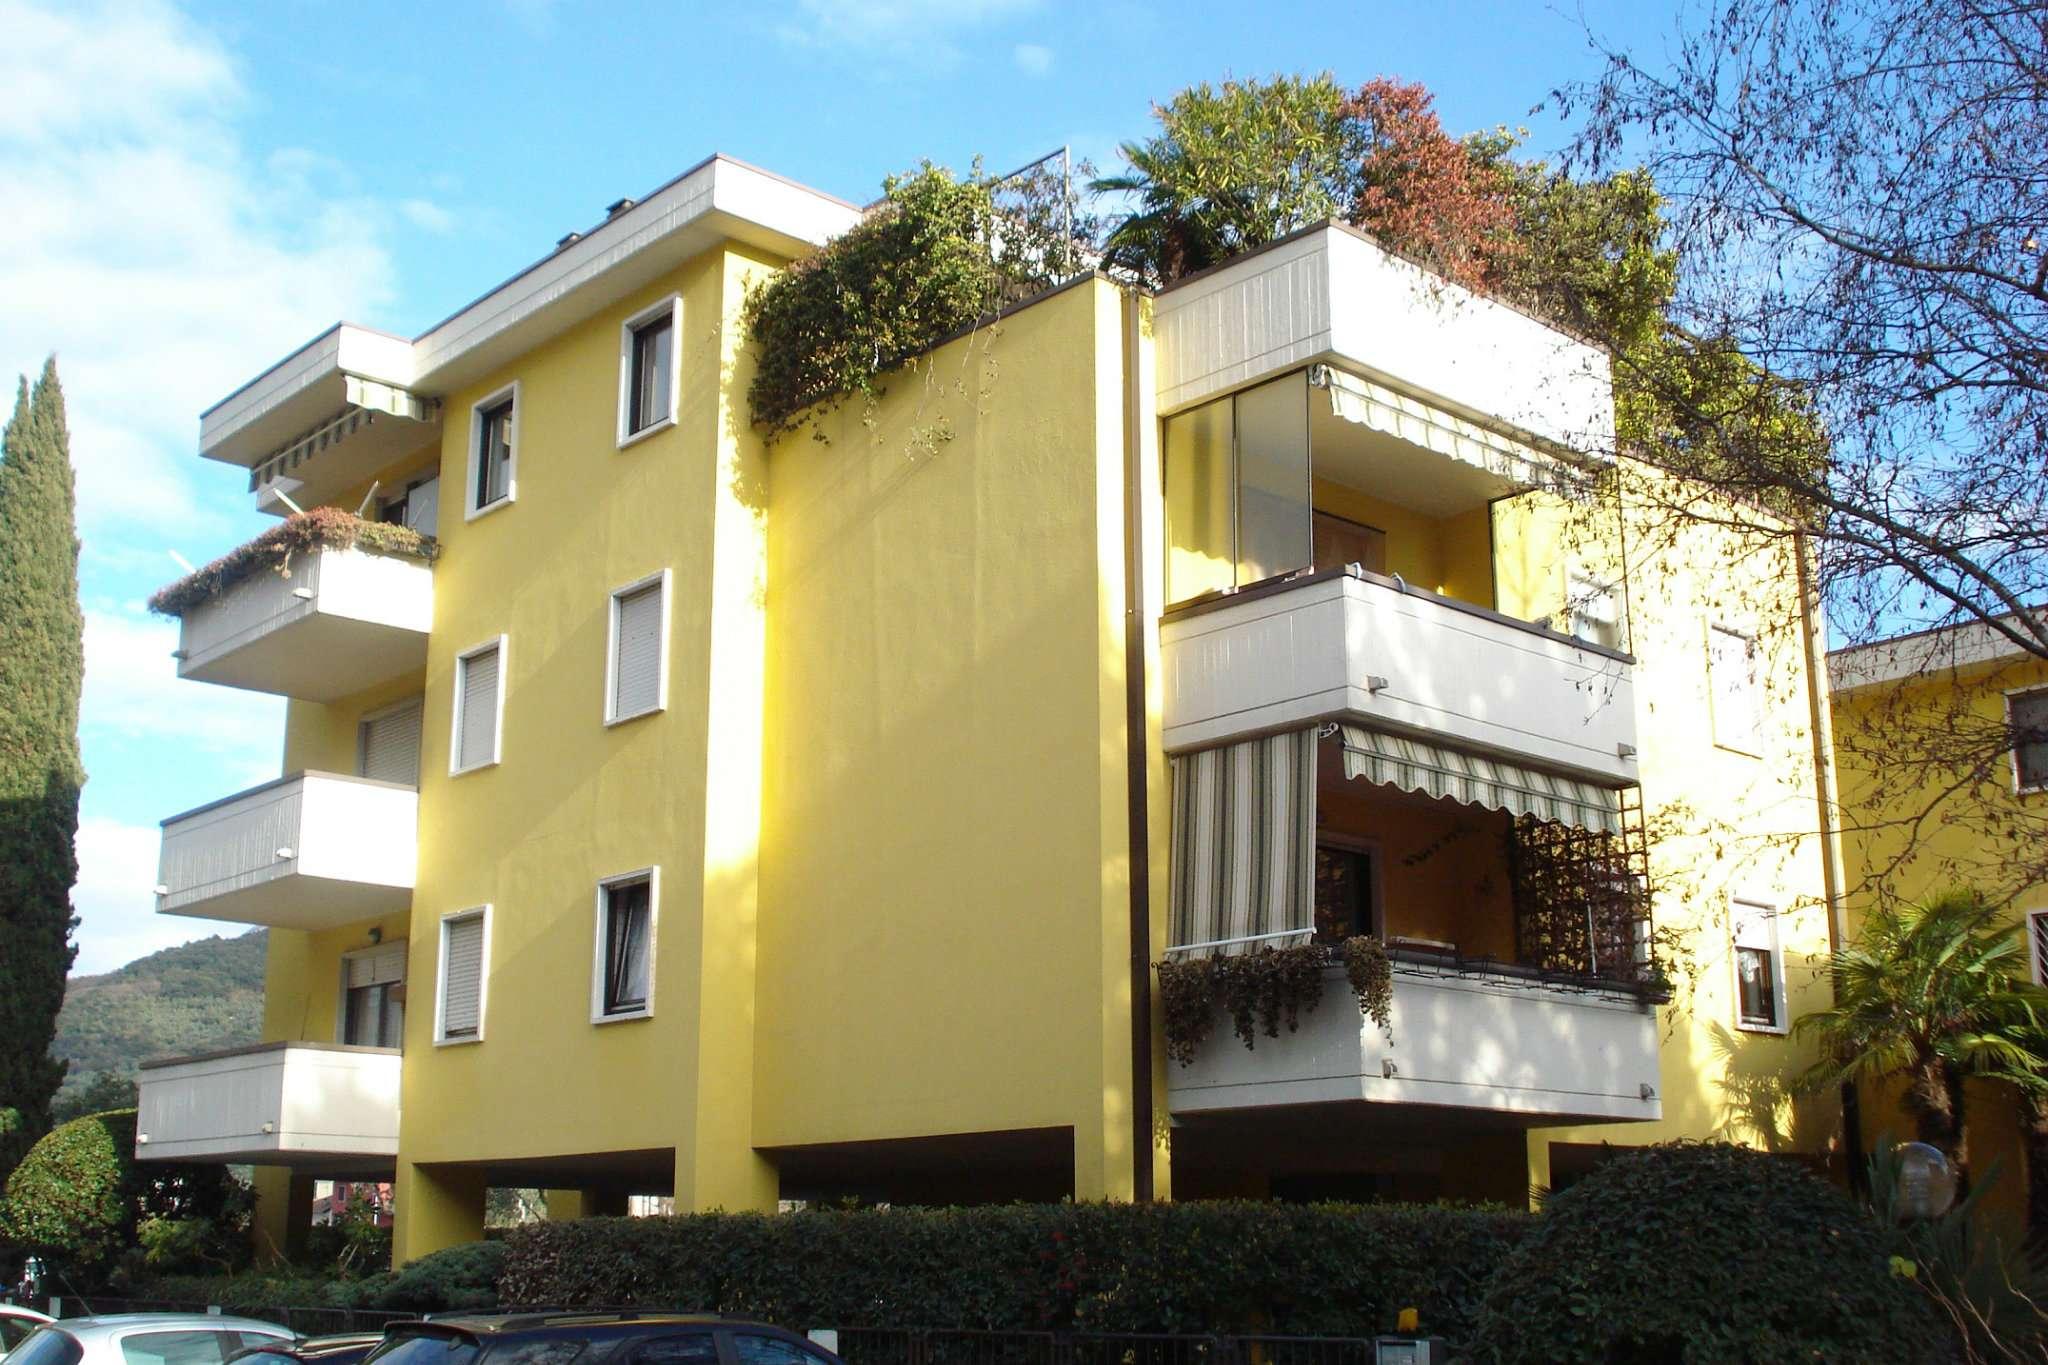 Appartamento in vendita a Riva del Garda, 2 locali, prezzo € 158.000 | Cambio Casa.it